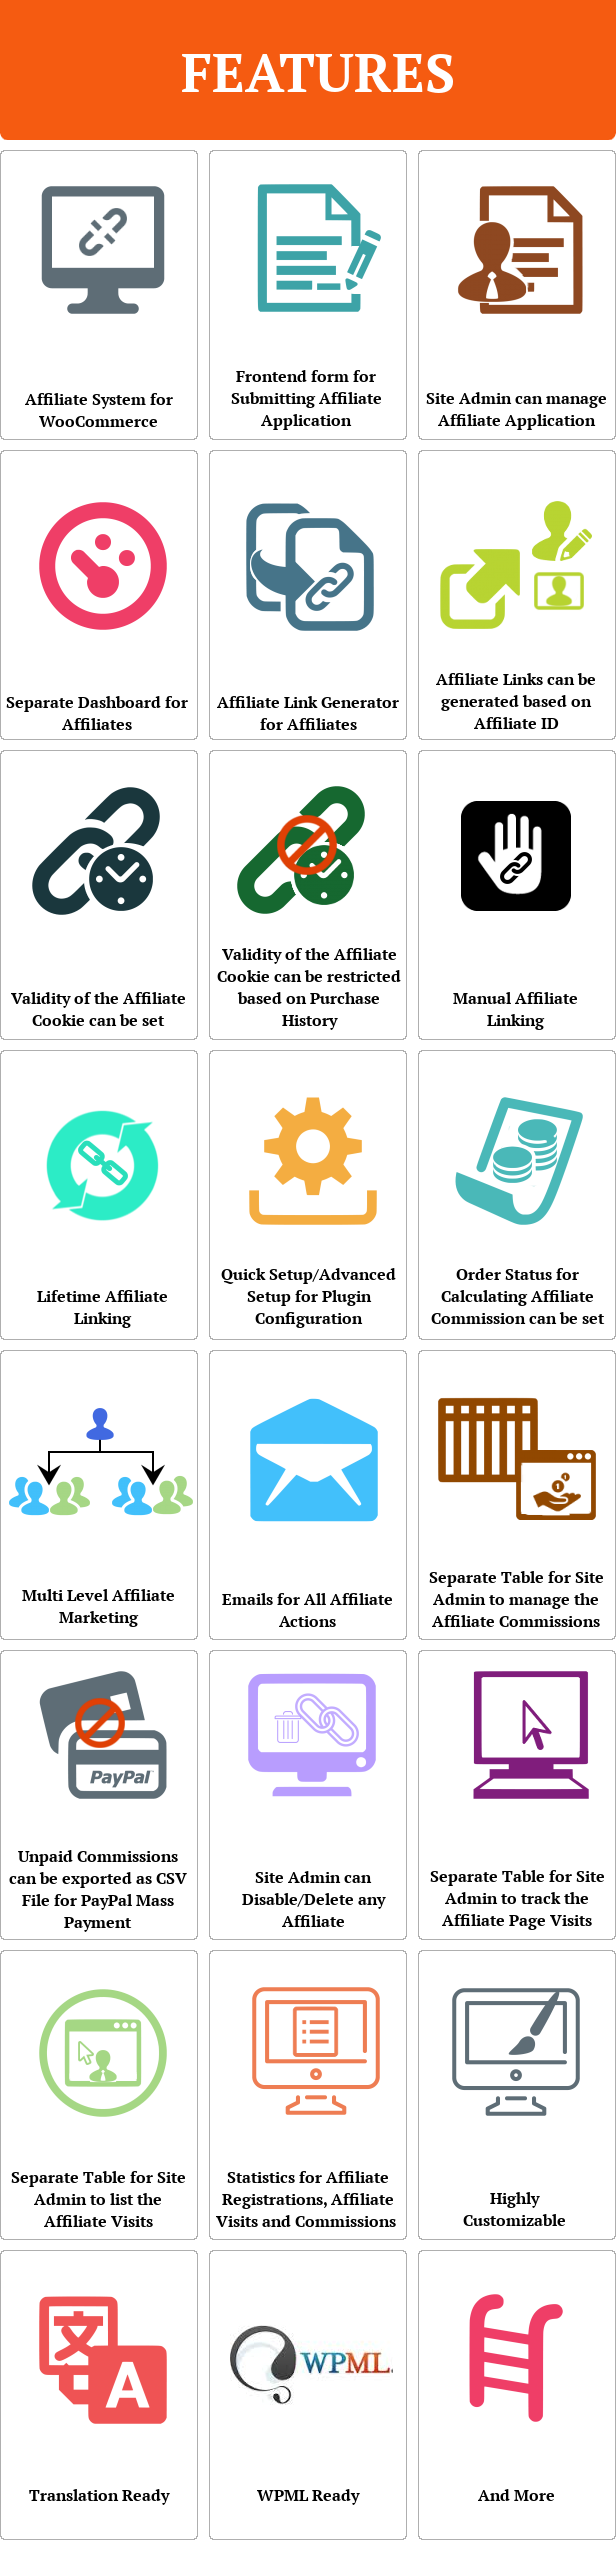 SUMO Affiliates - WooCommerce Affiliate System 2